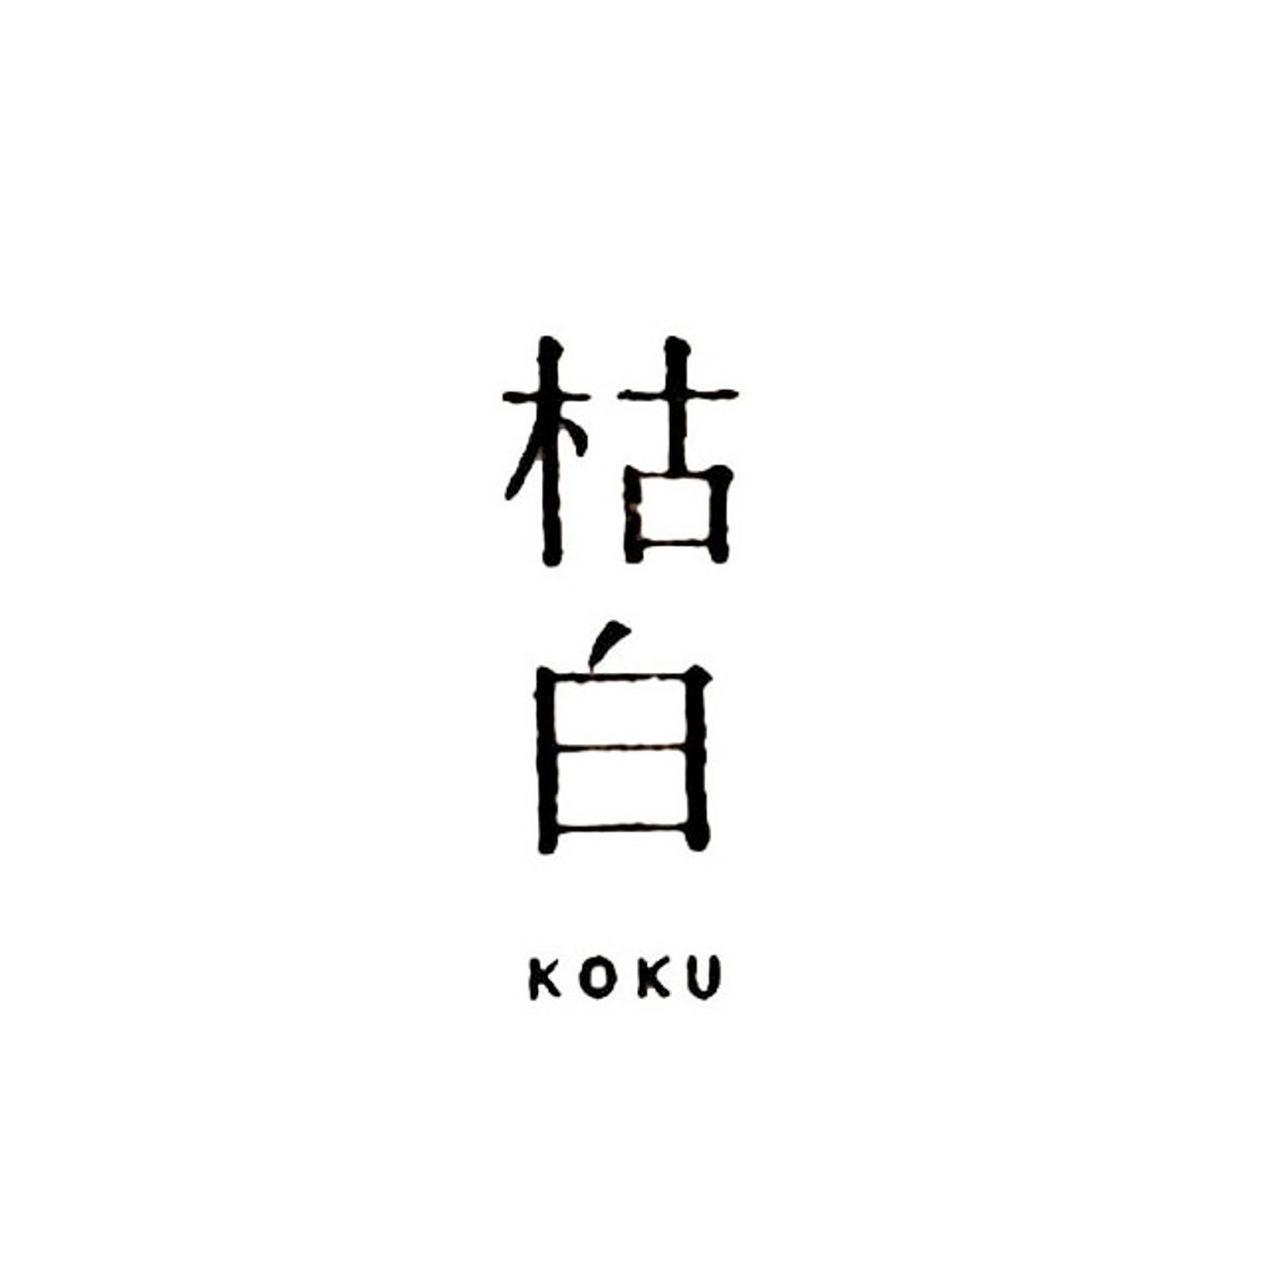 画像: 枯白 koku | Wood and Iron Furnishings 木と鉄の家具・室内道具